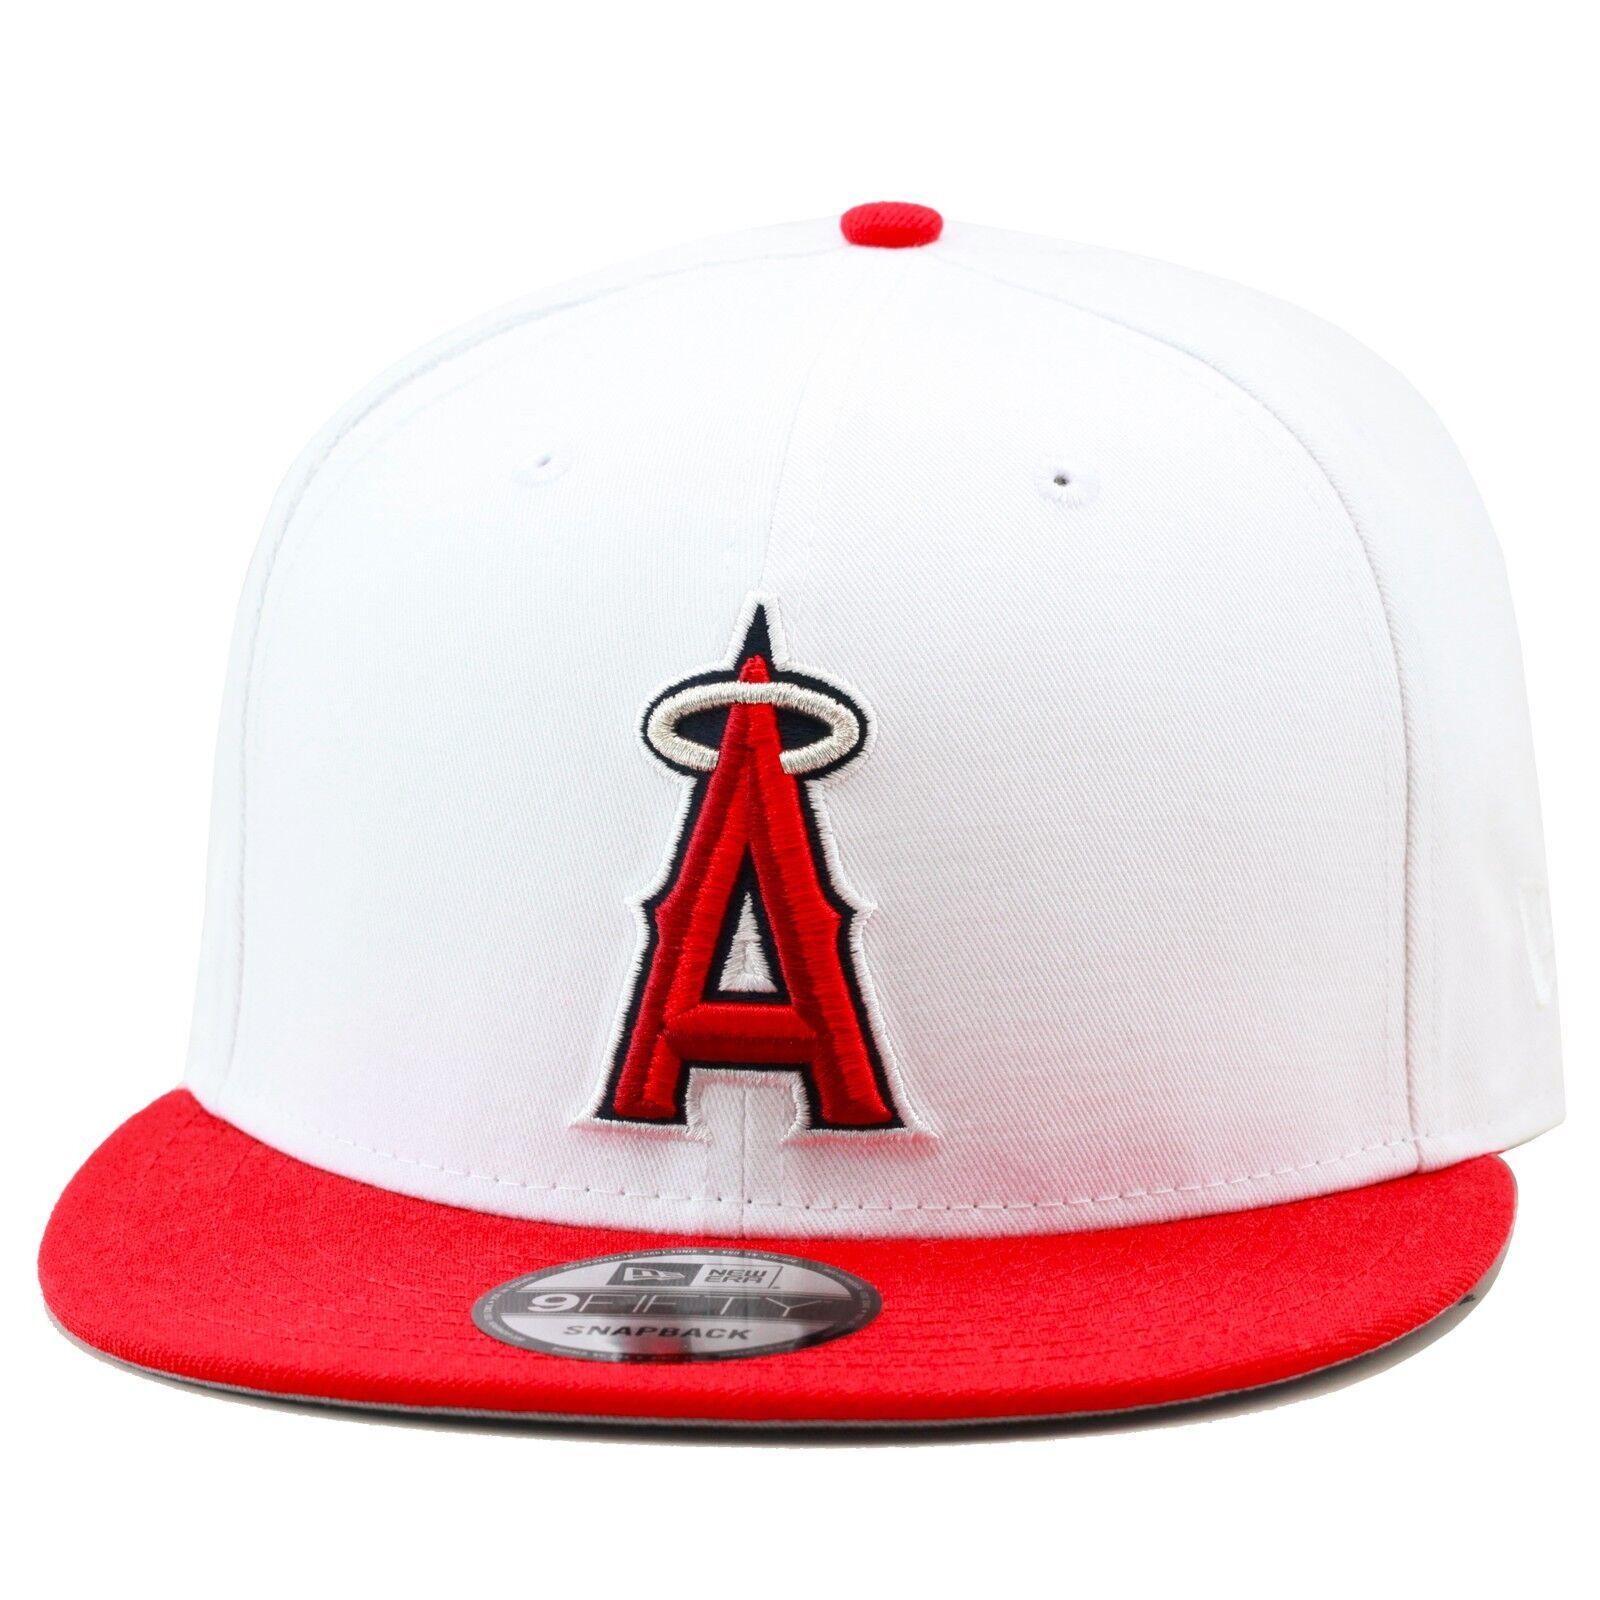 New Era la Angeli Cappello con Visiera Bianco Rosso da Jordan 13 Chicago  Shohei  7c07bb944734